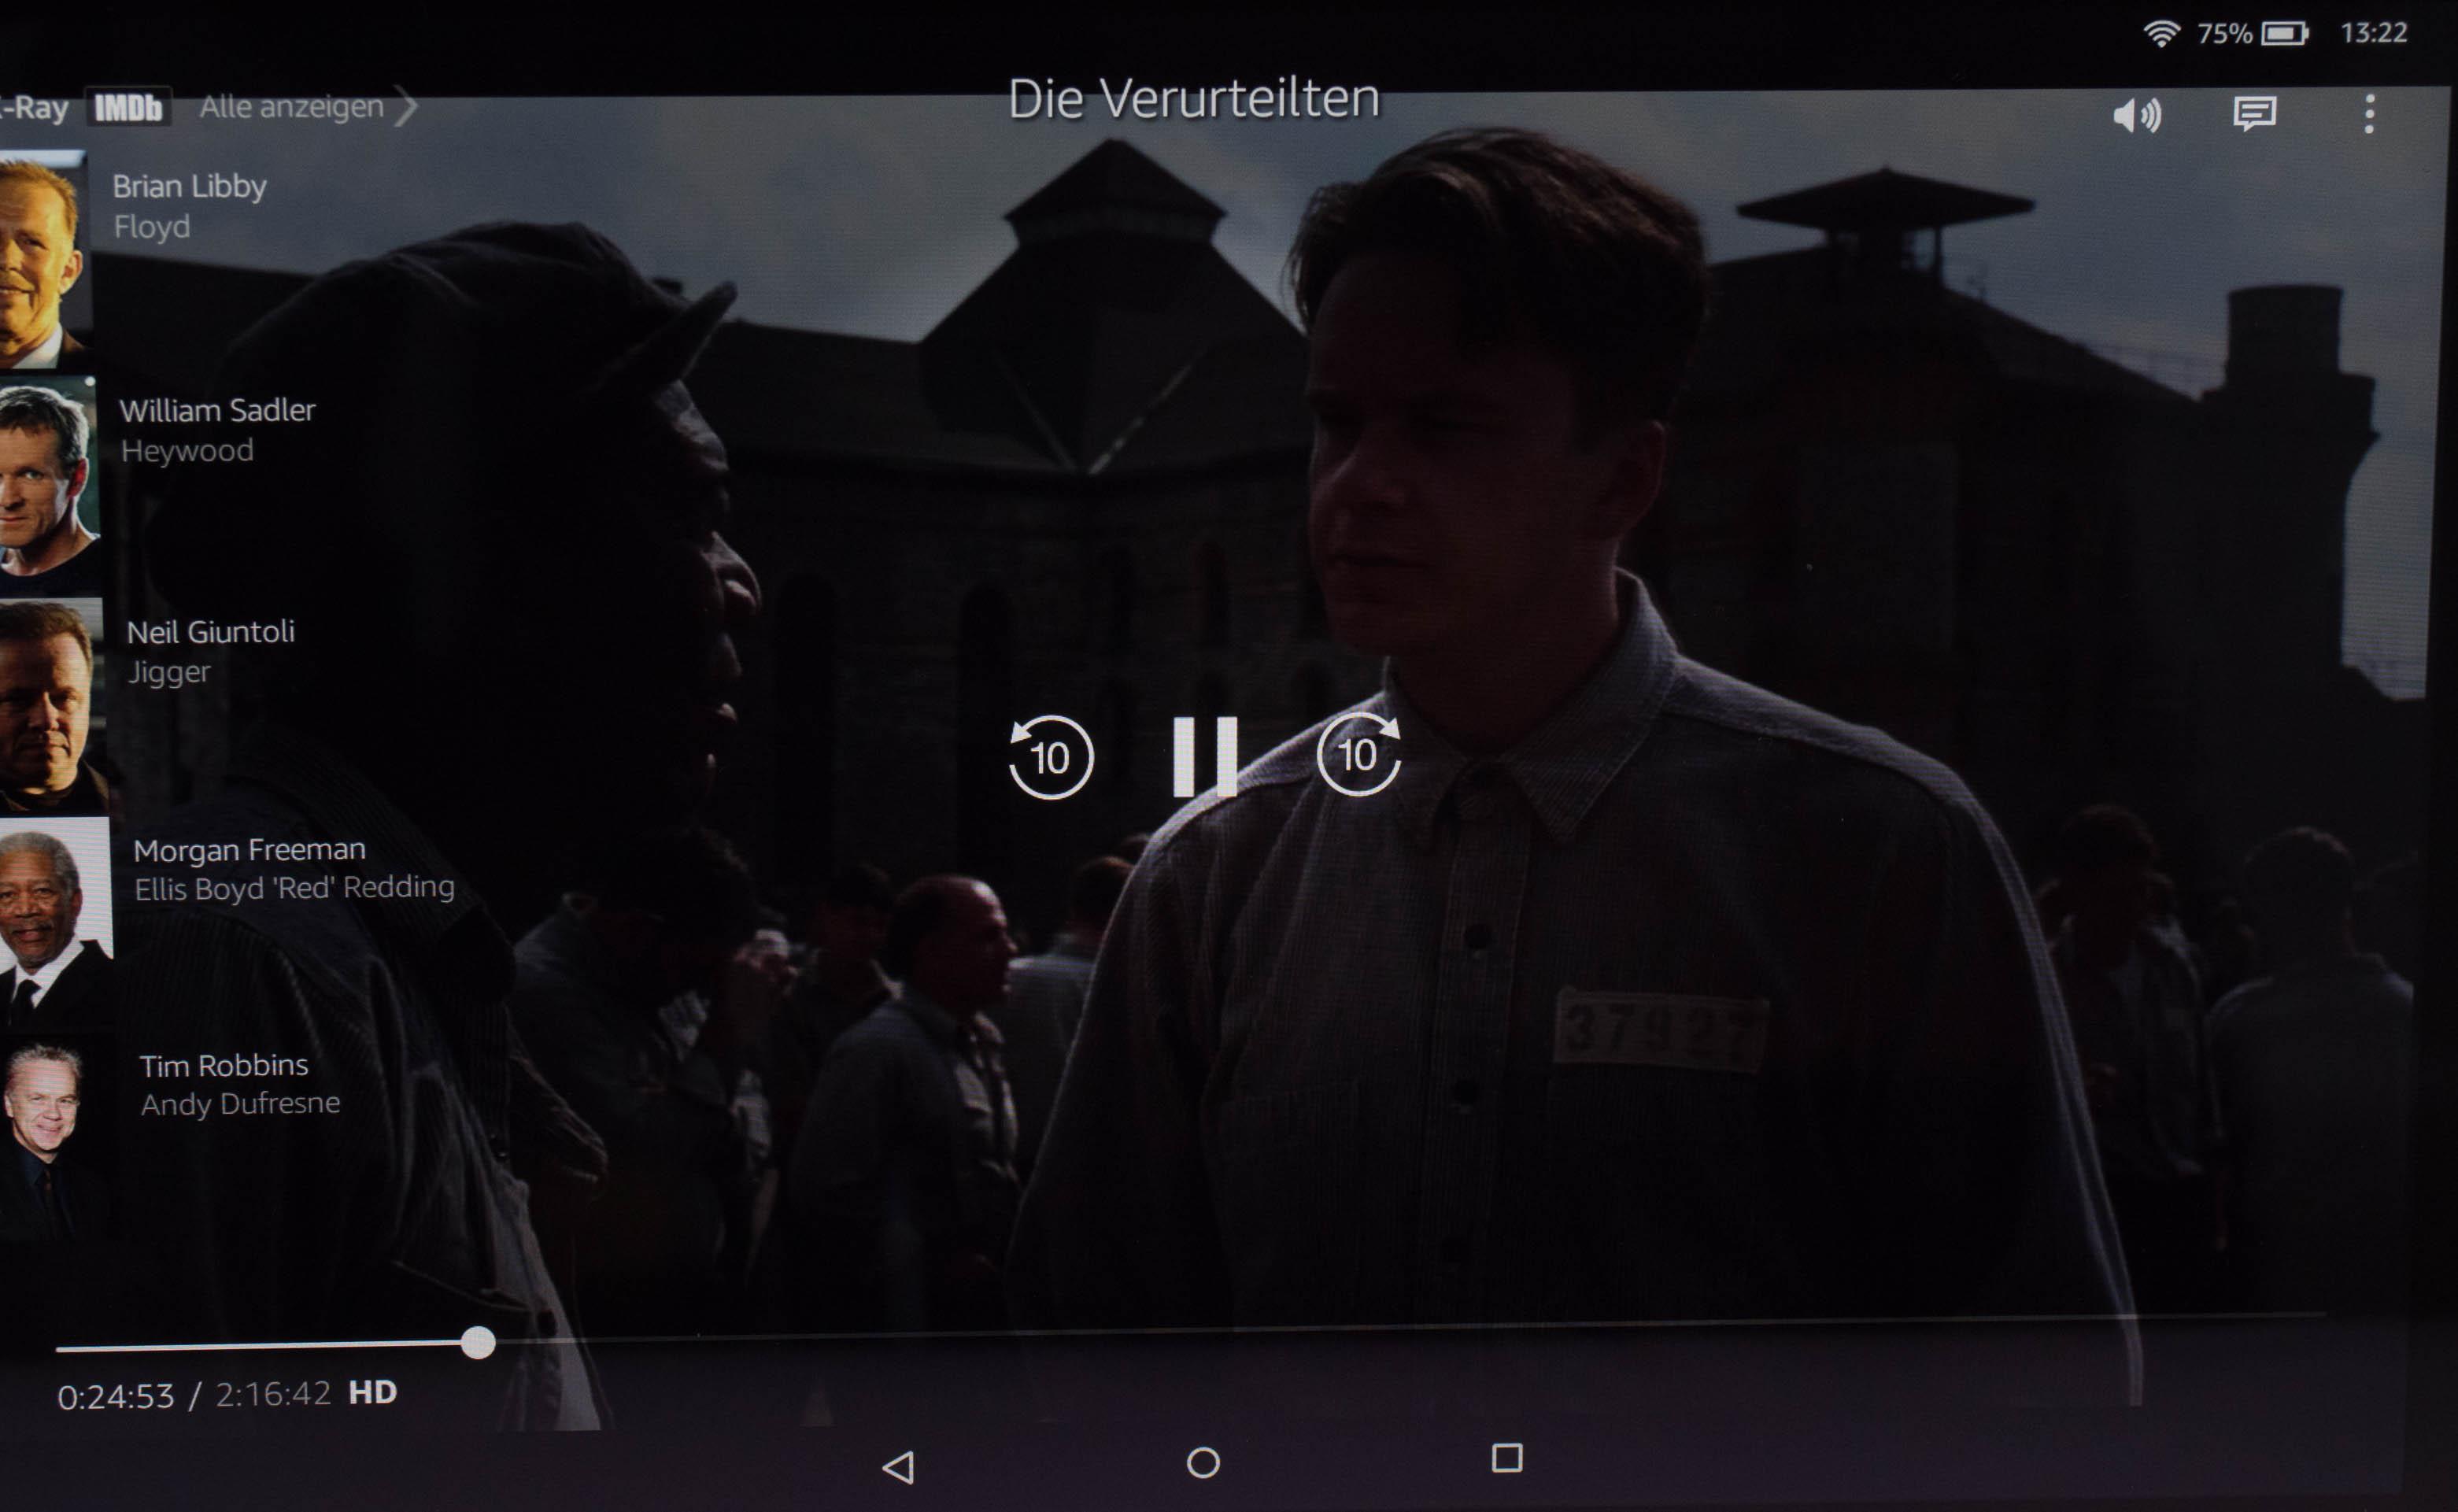 Echo Show vs. Fire HD 10 im Test: Alexa, zeig's mir! - Die Amazon-Video-App auf dem Fire HD 10 zeigt X-Ray-Informationen an. (Bild: Martin Wolf/Golem.de)